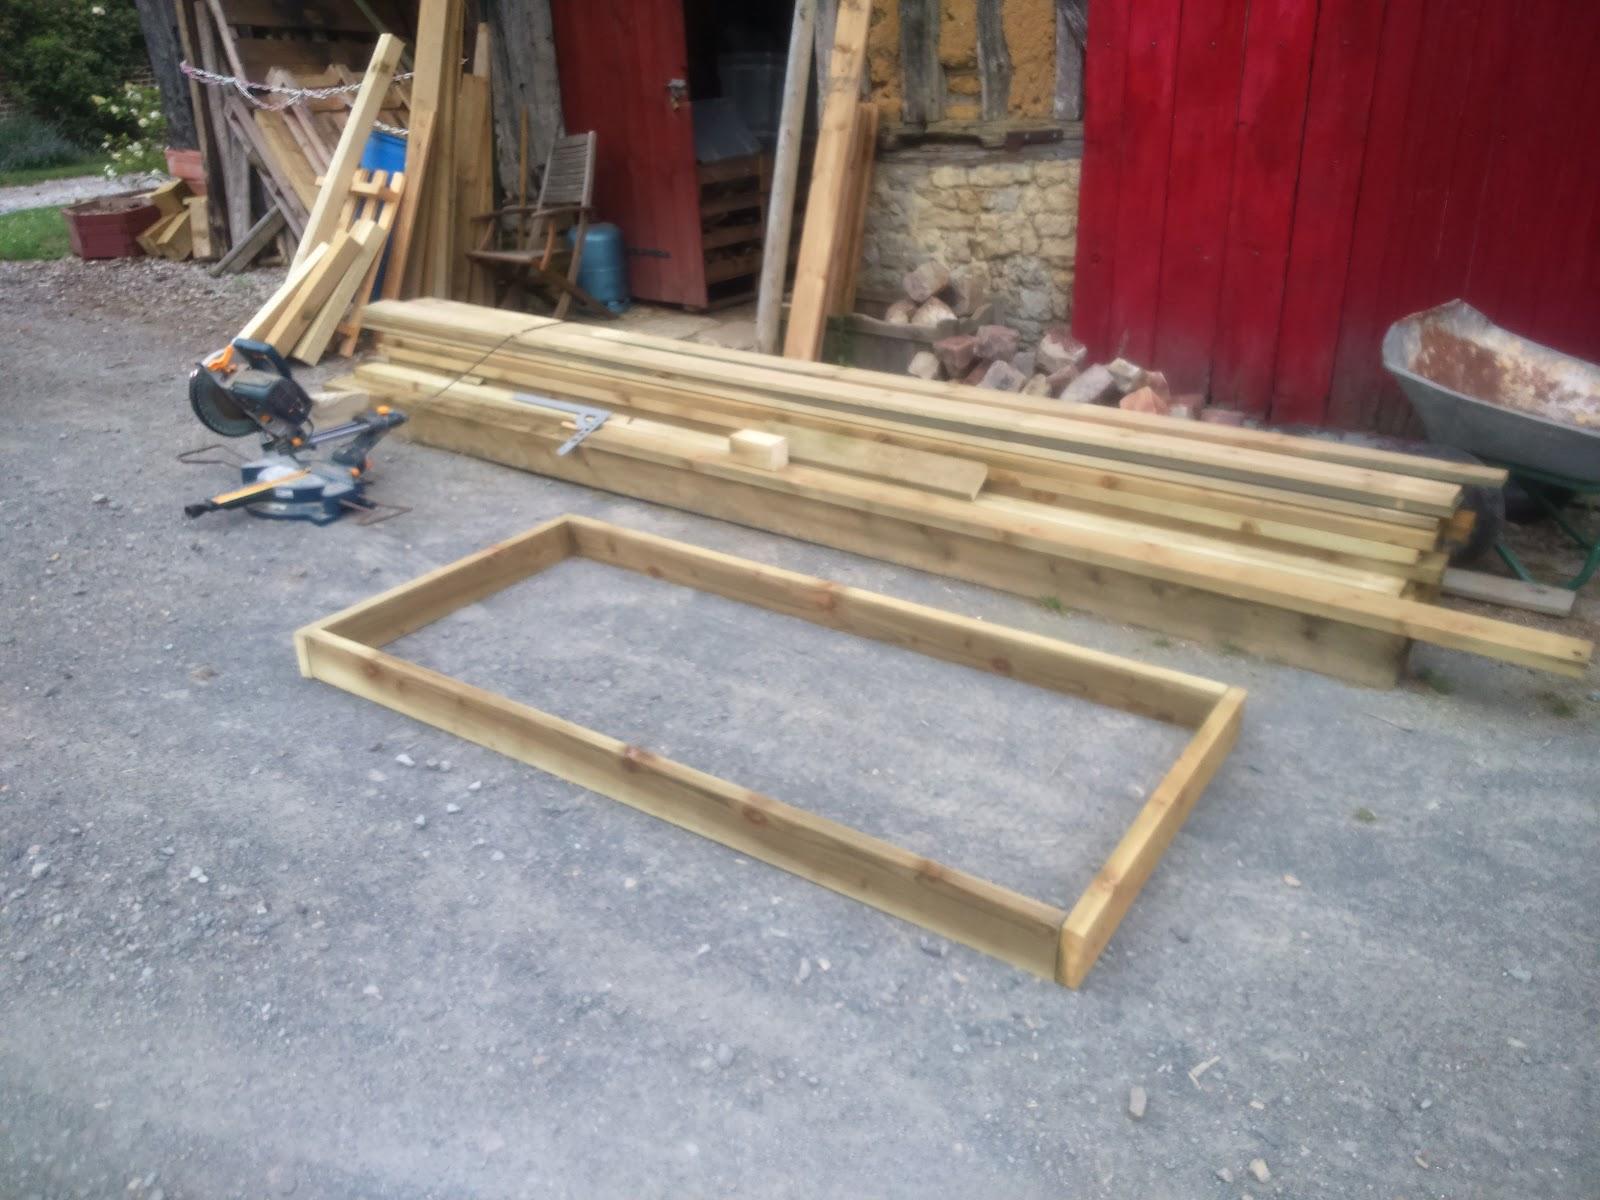 Fabriquer son salon de jardin en bois for Plan table de jardin en bois